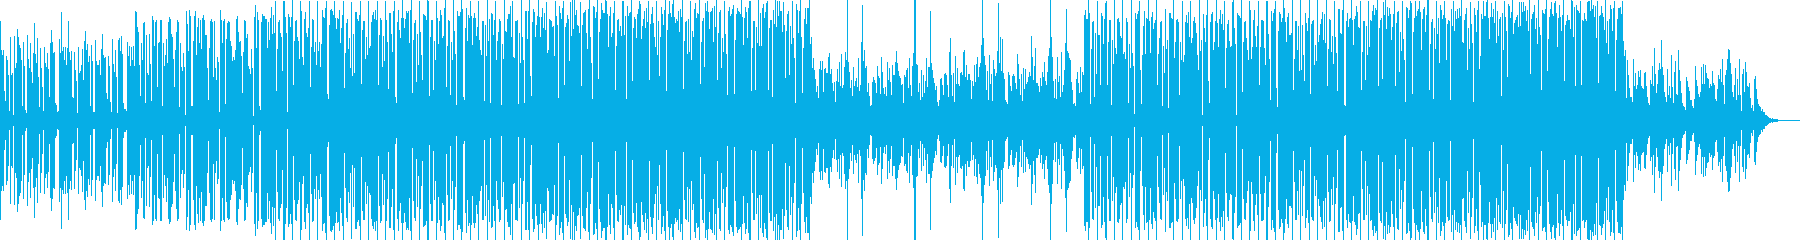 bpm112-あなたに夢中な情熱のEDMの再生済みの波形